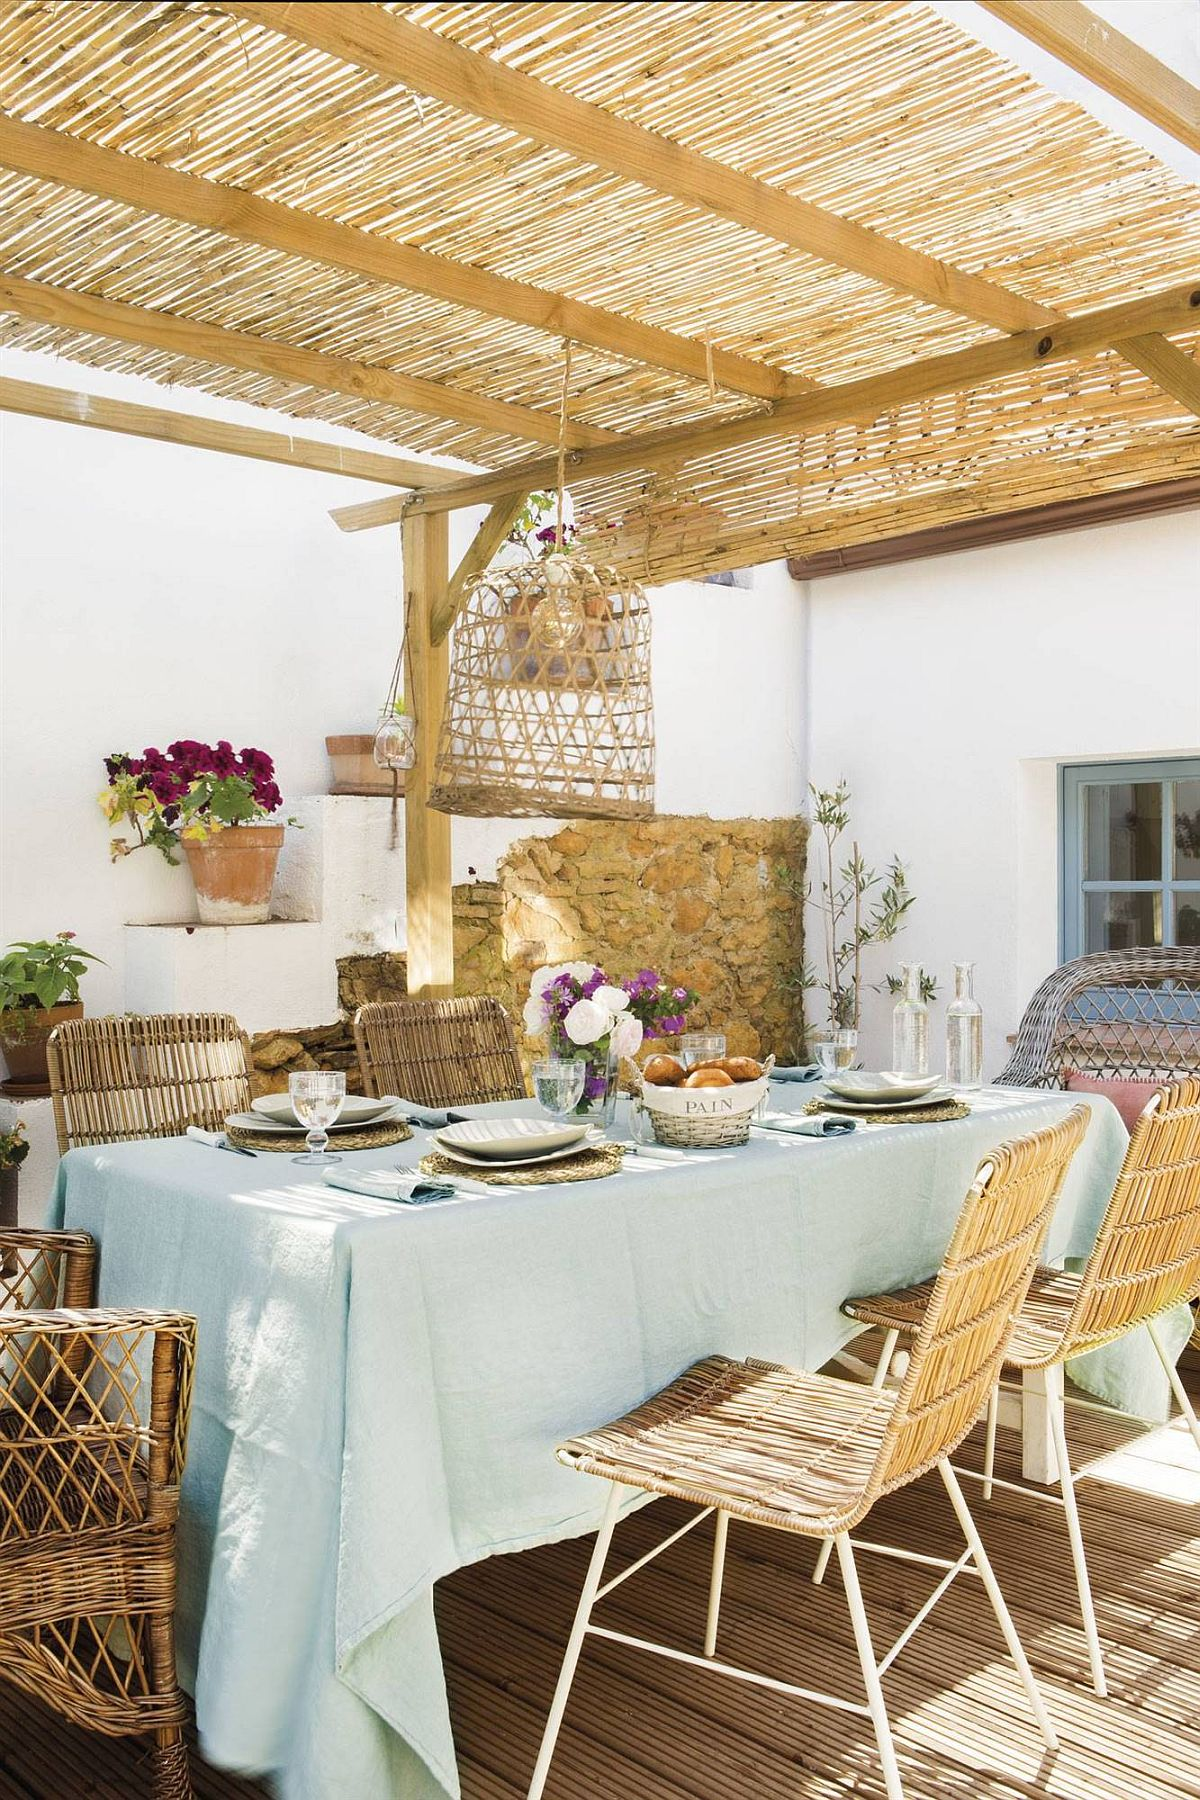 adelaparvu.com despre casa lunga si ingusta cu terasa, stil marin, design Nice Home Barcelona, Foto Jordi Canosa (21)